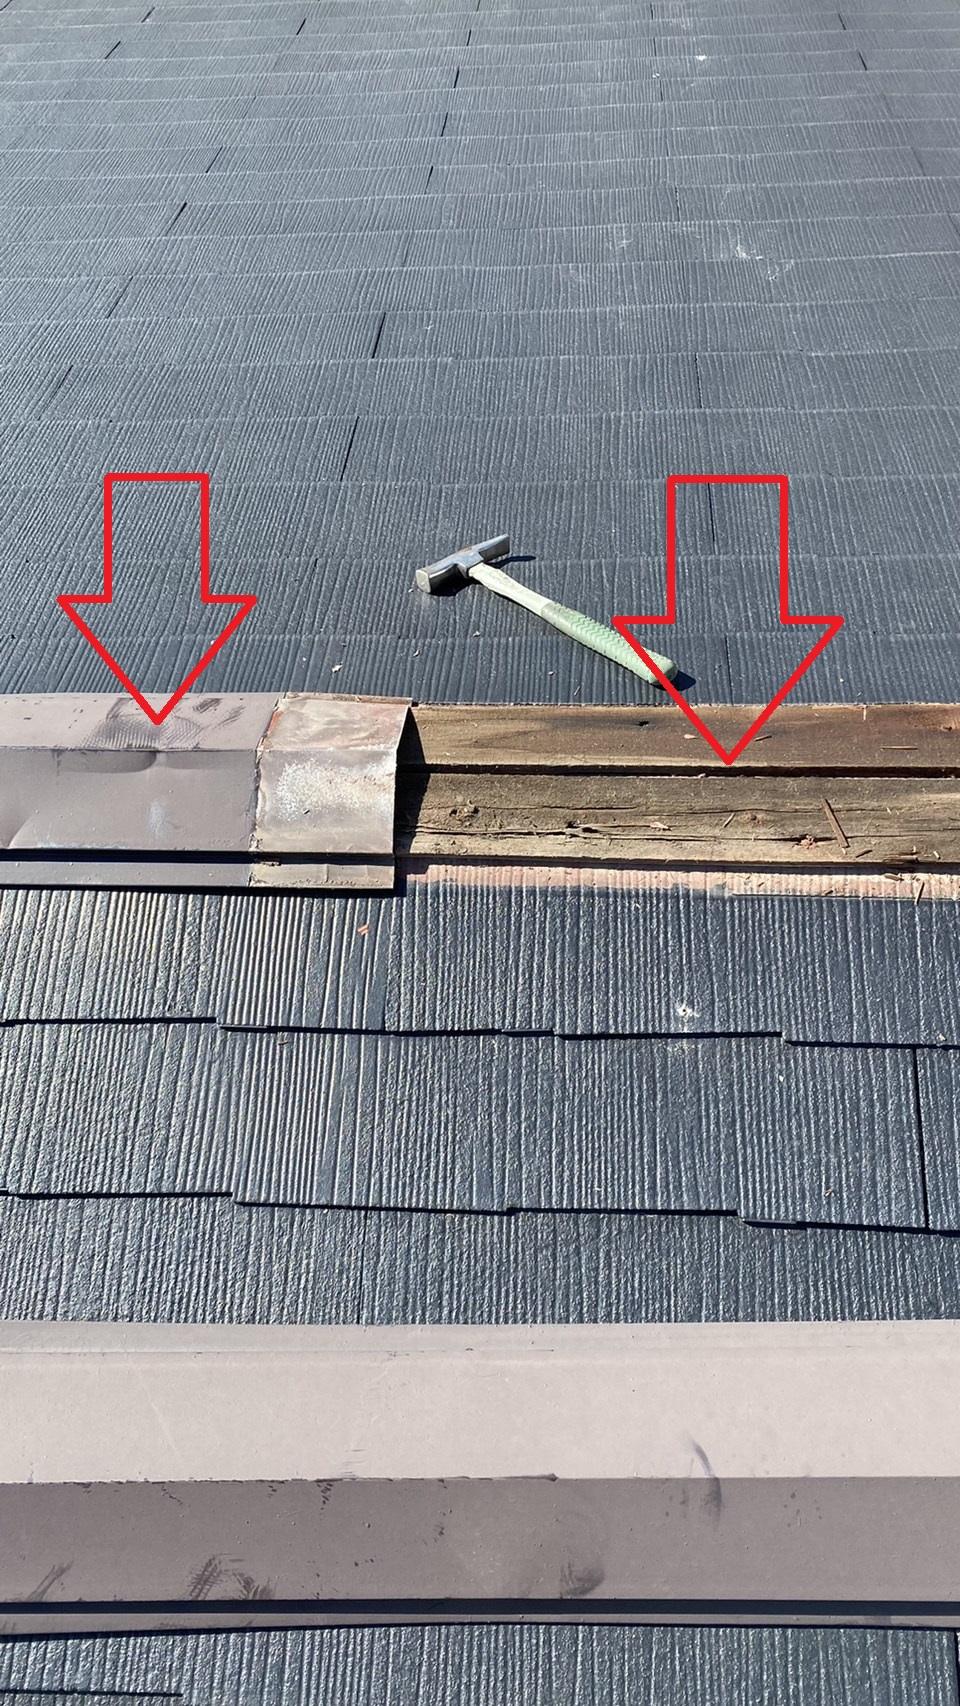 屋根重ね葺き工事を行うために棟板金を撤去した様子